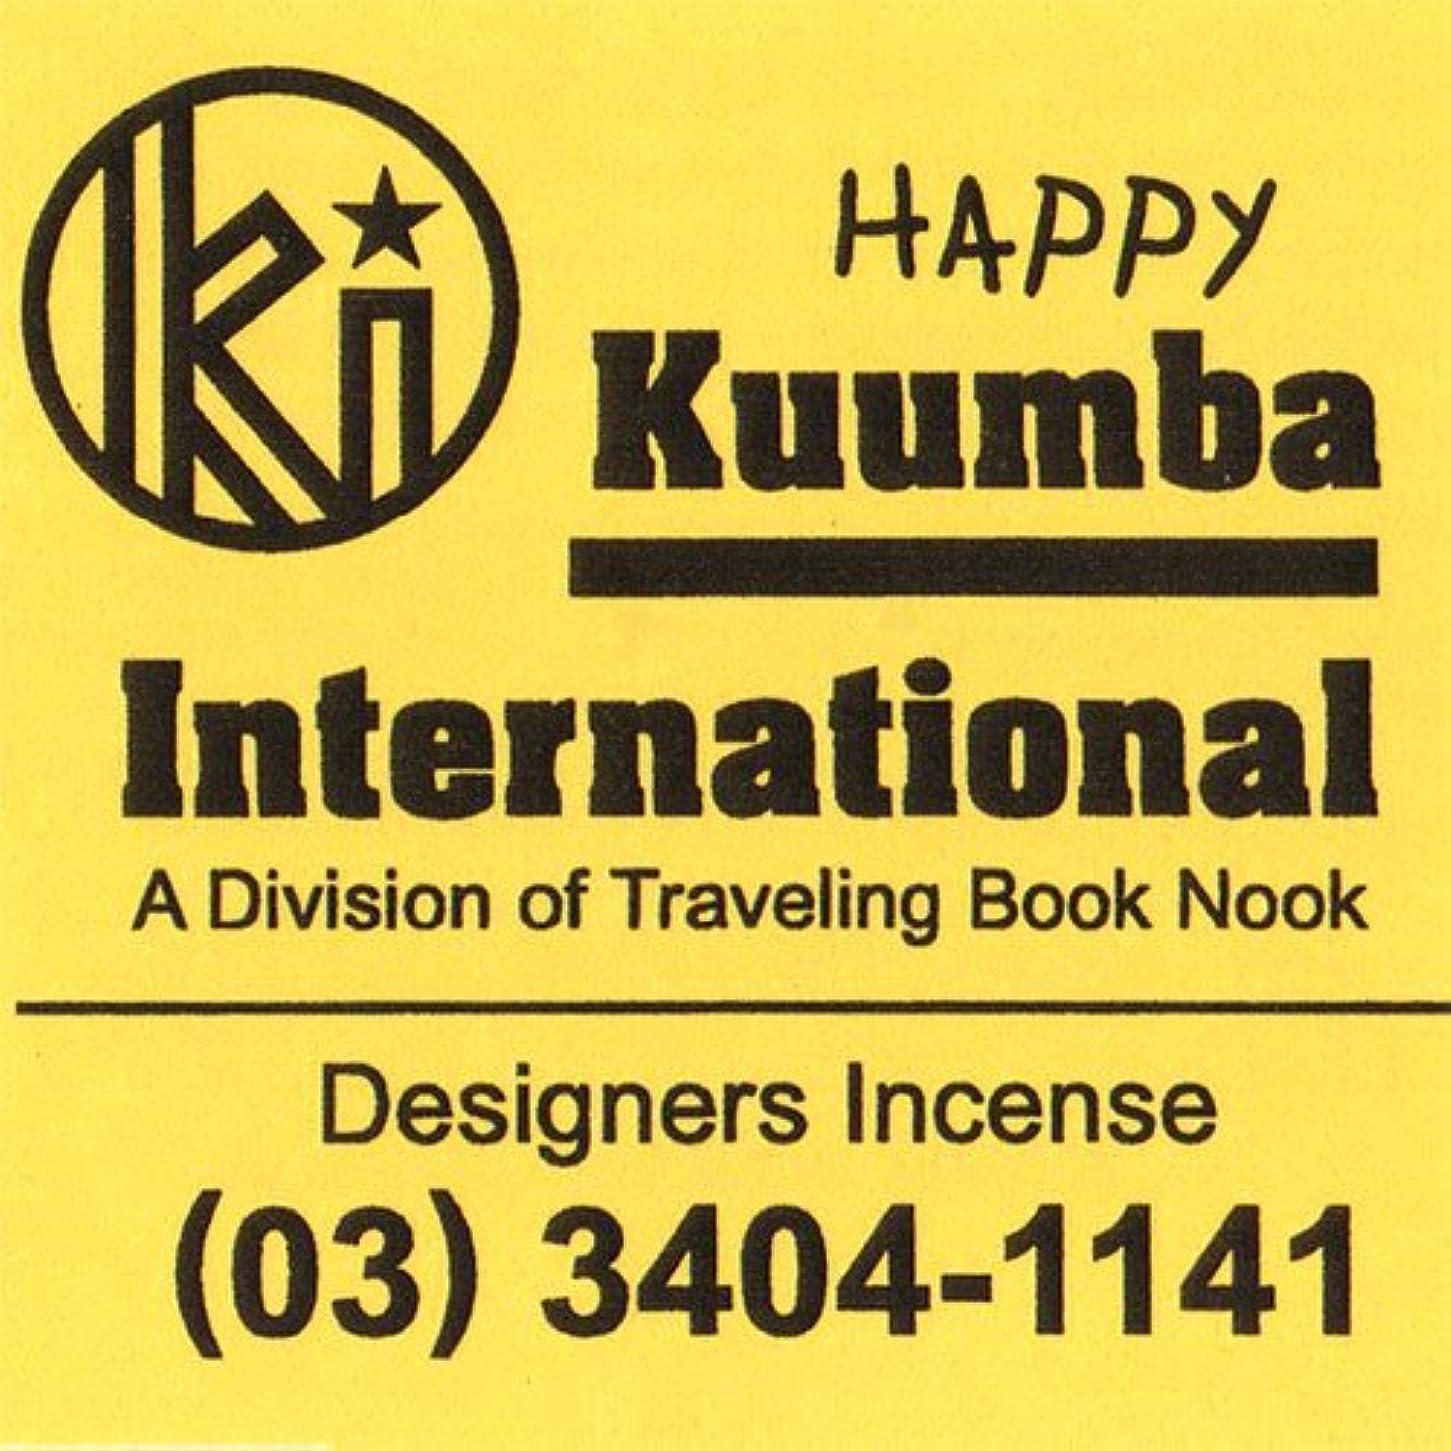 相手コンプライアンス変わる(クンバ) KUUMBA『incense』(HAPPY) (Regular size)